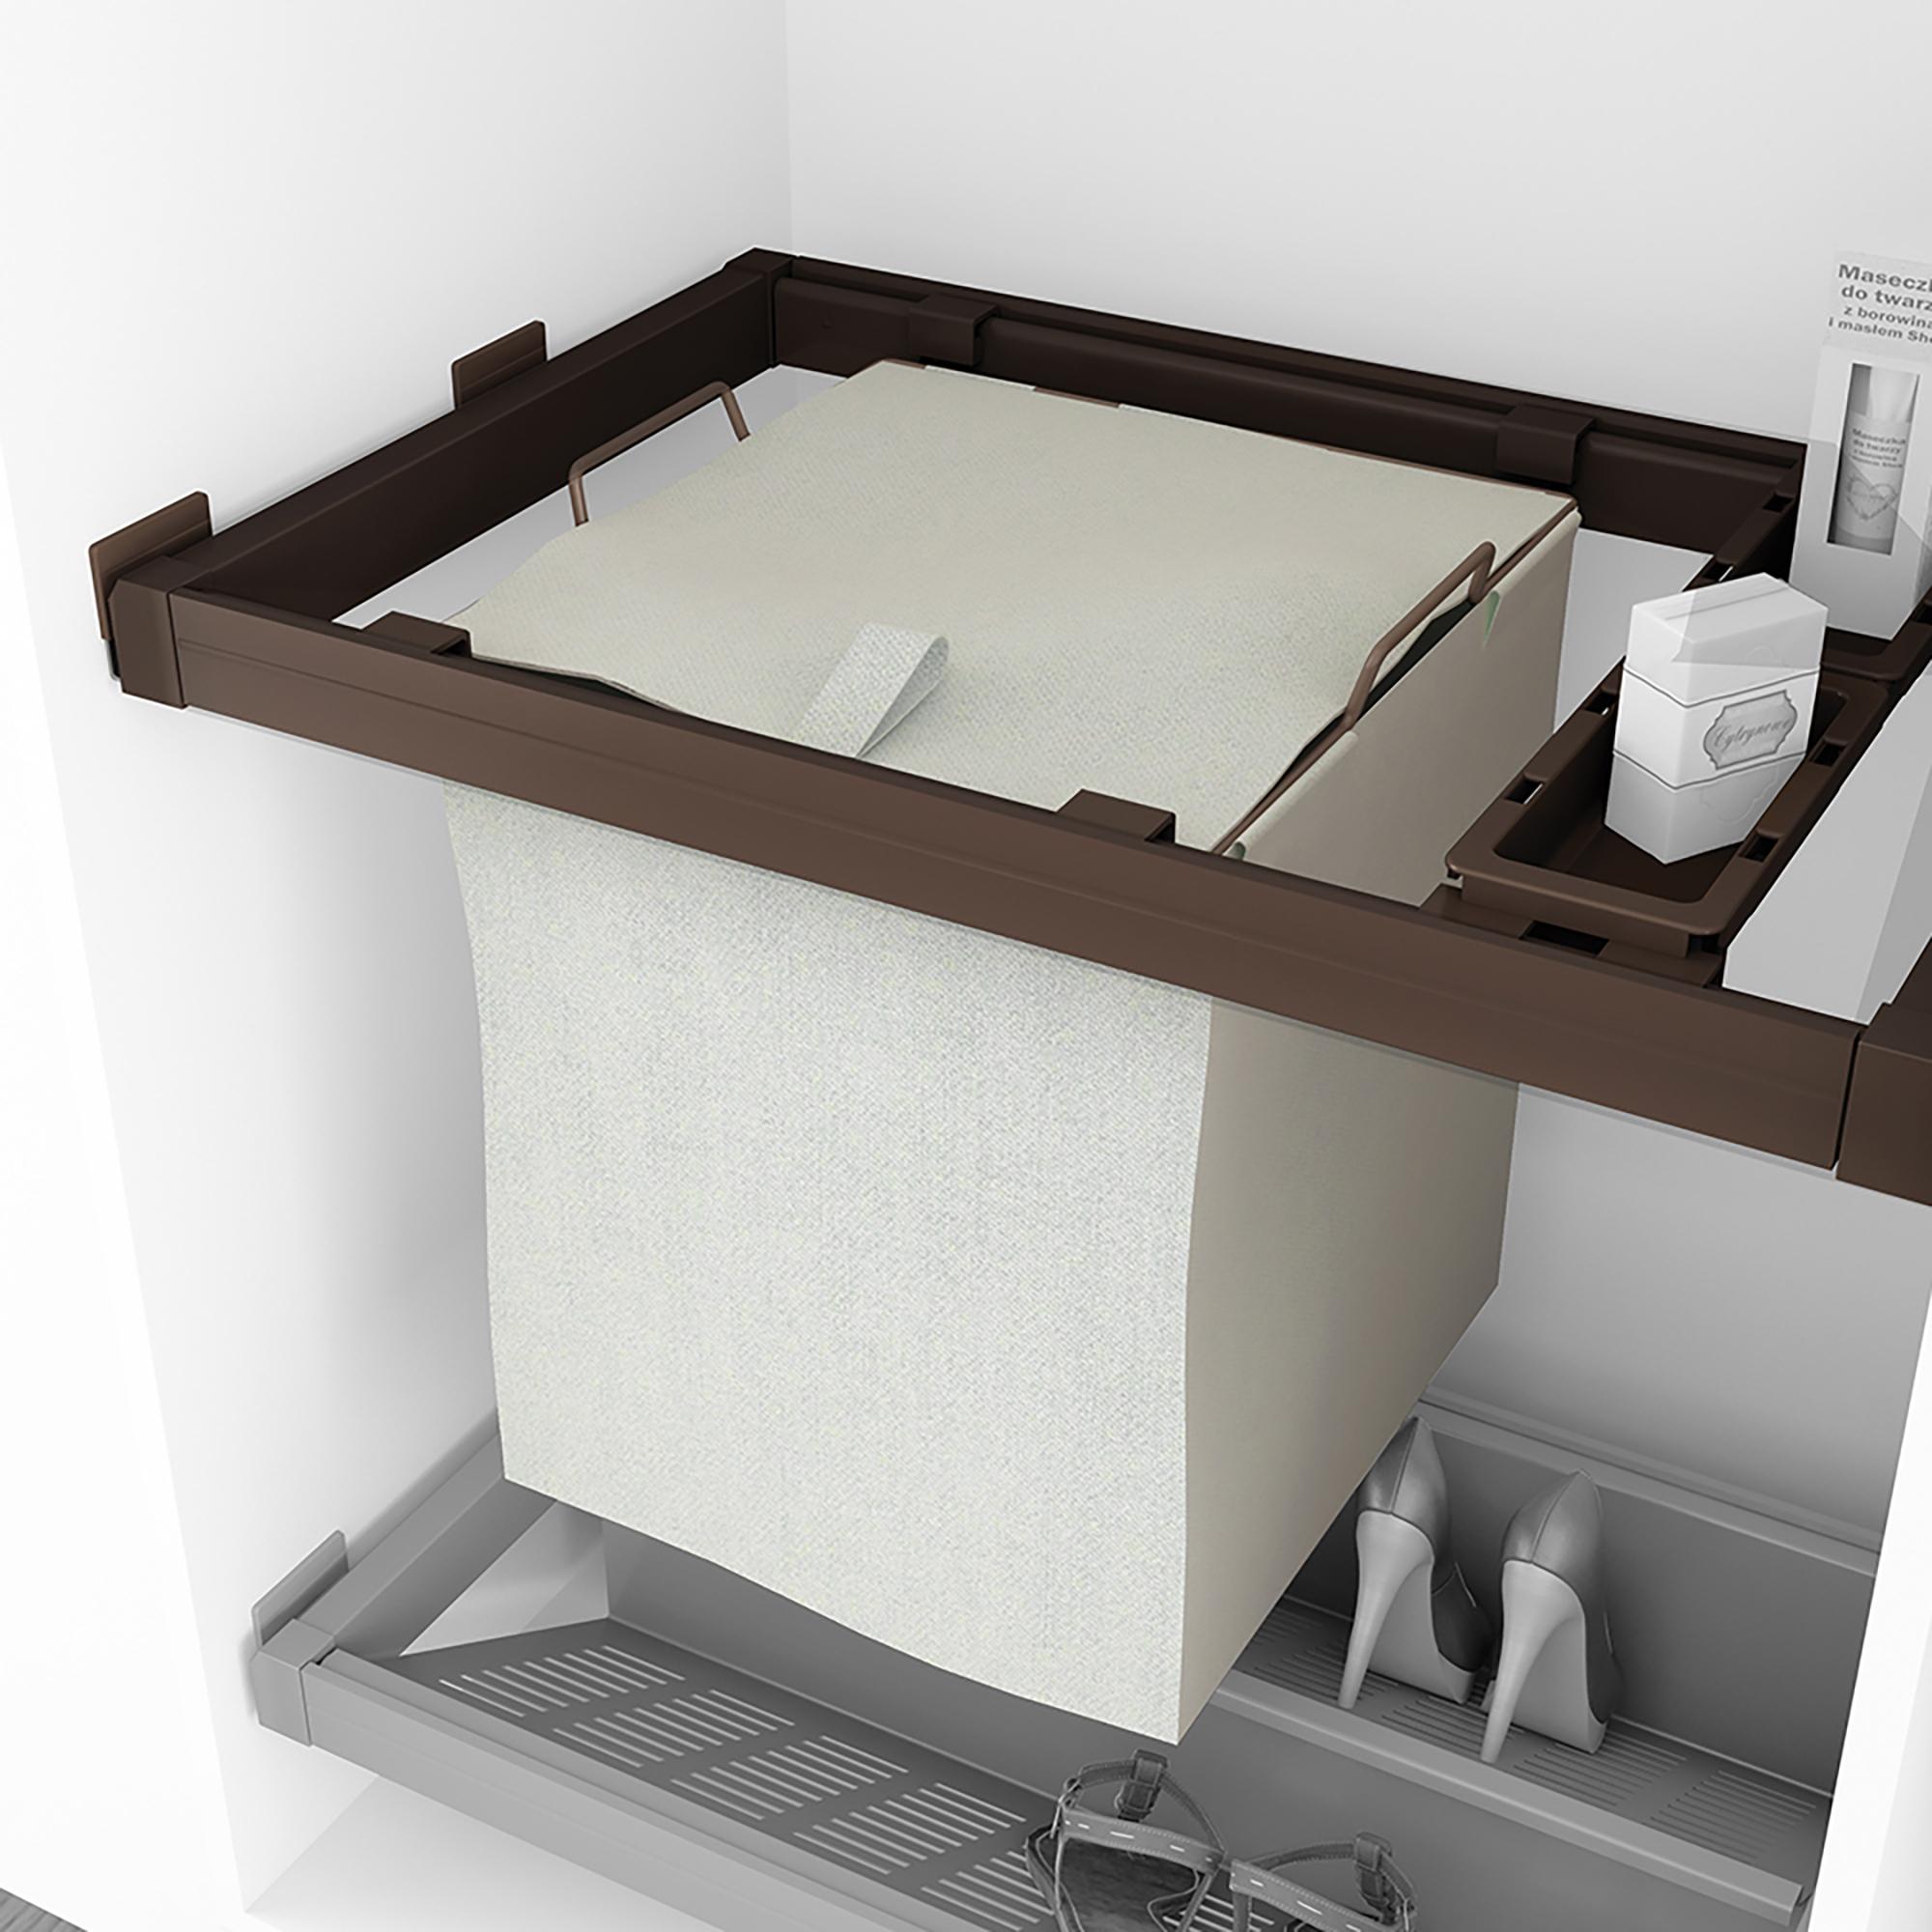 Emuca Kit Cesta per bucato con guide e vaschette ausiliari per armadio, regolabile, 564-614 mm, Color moka